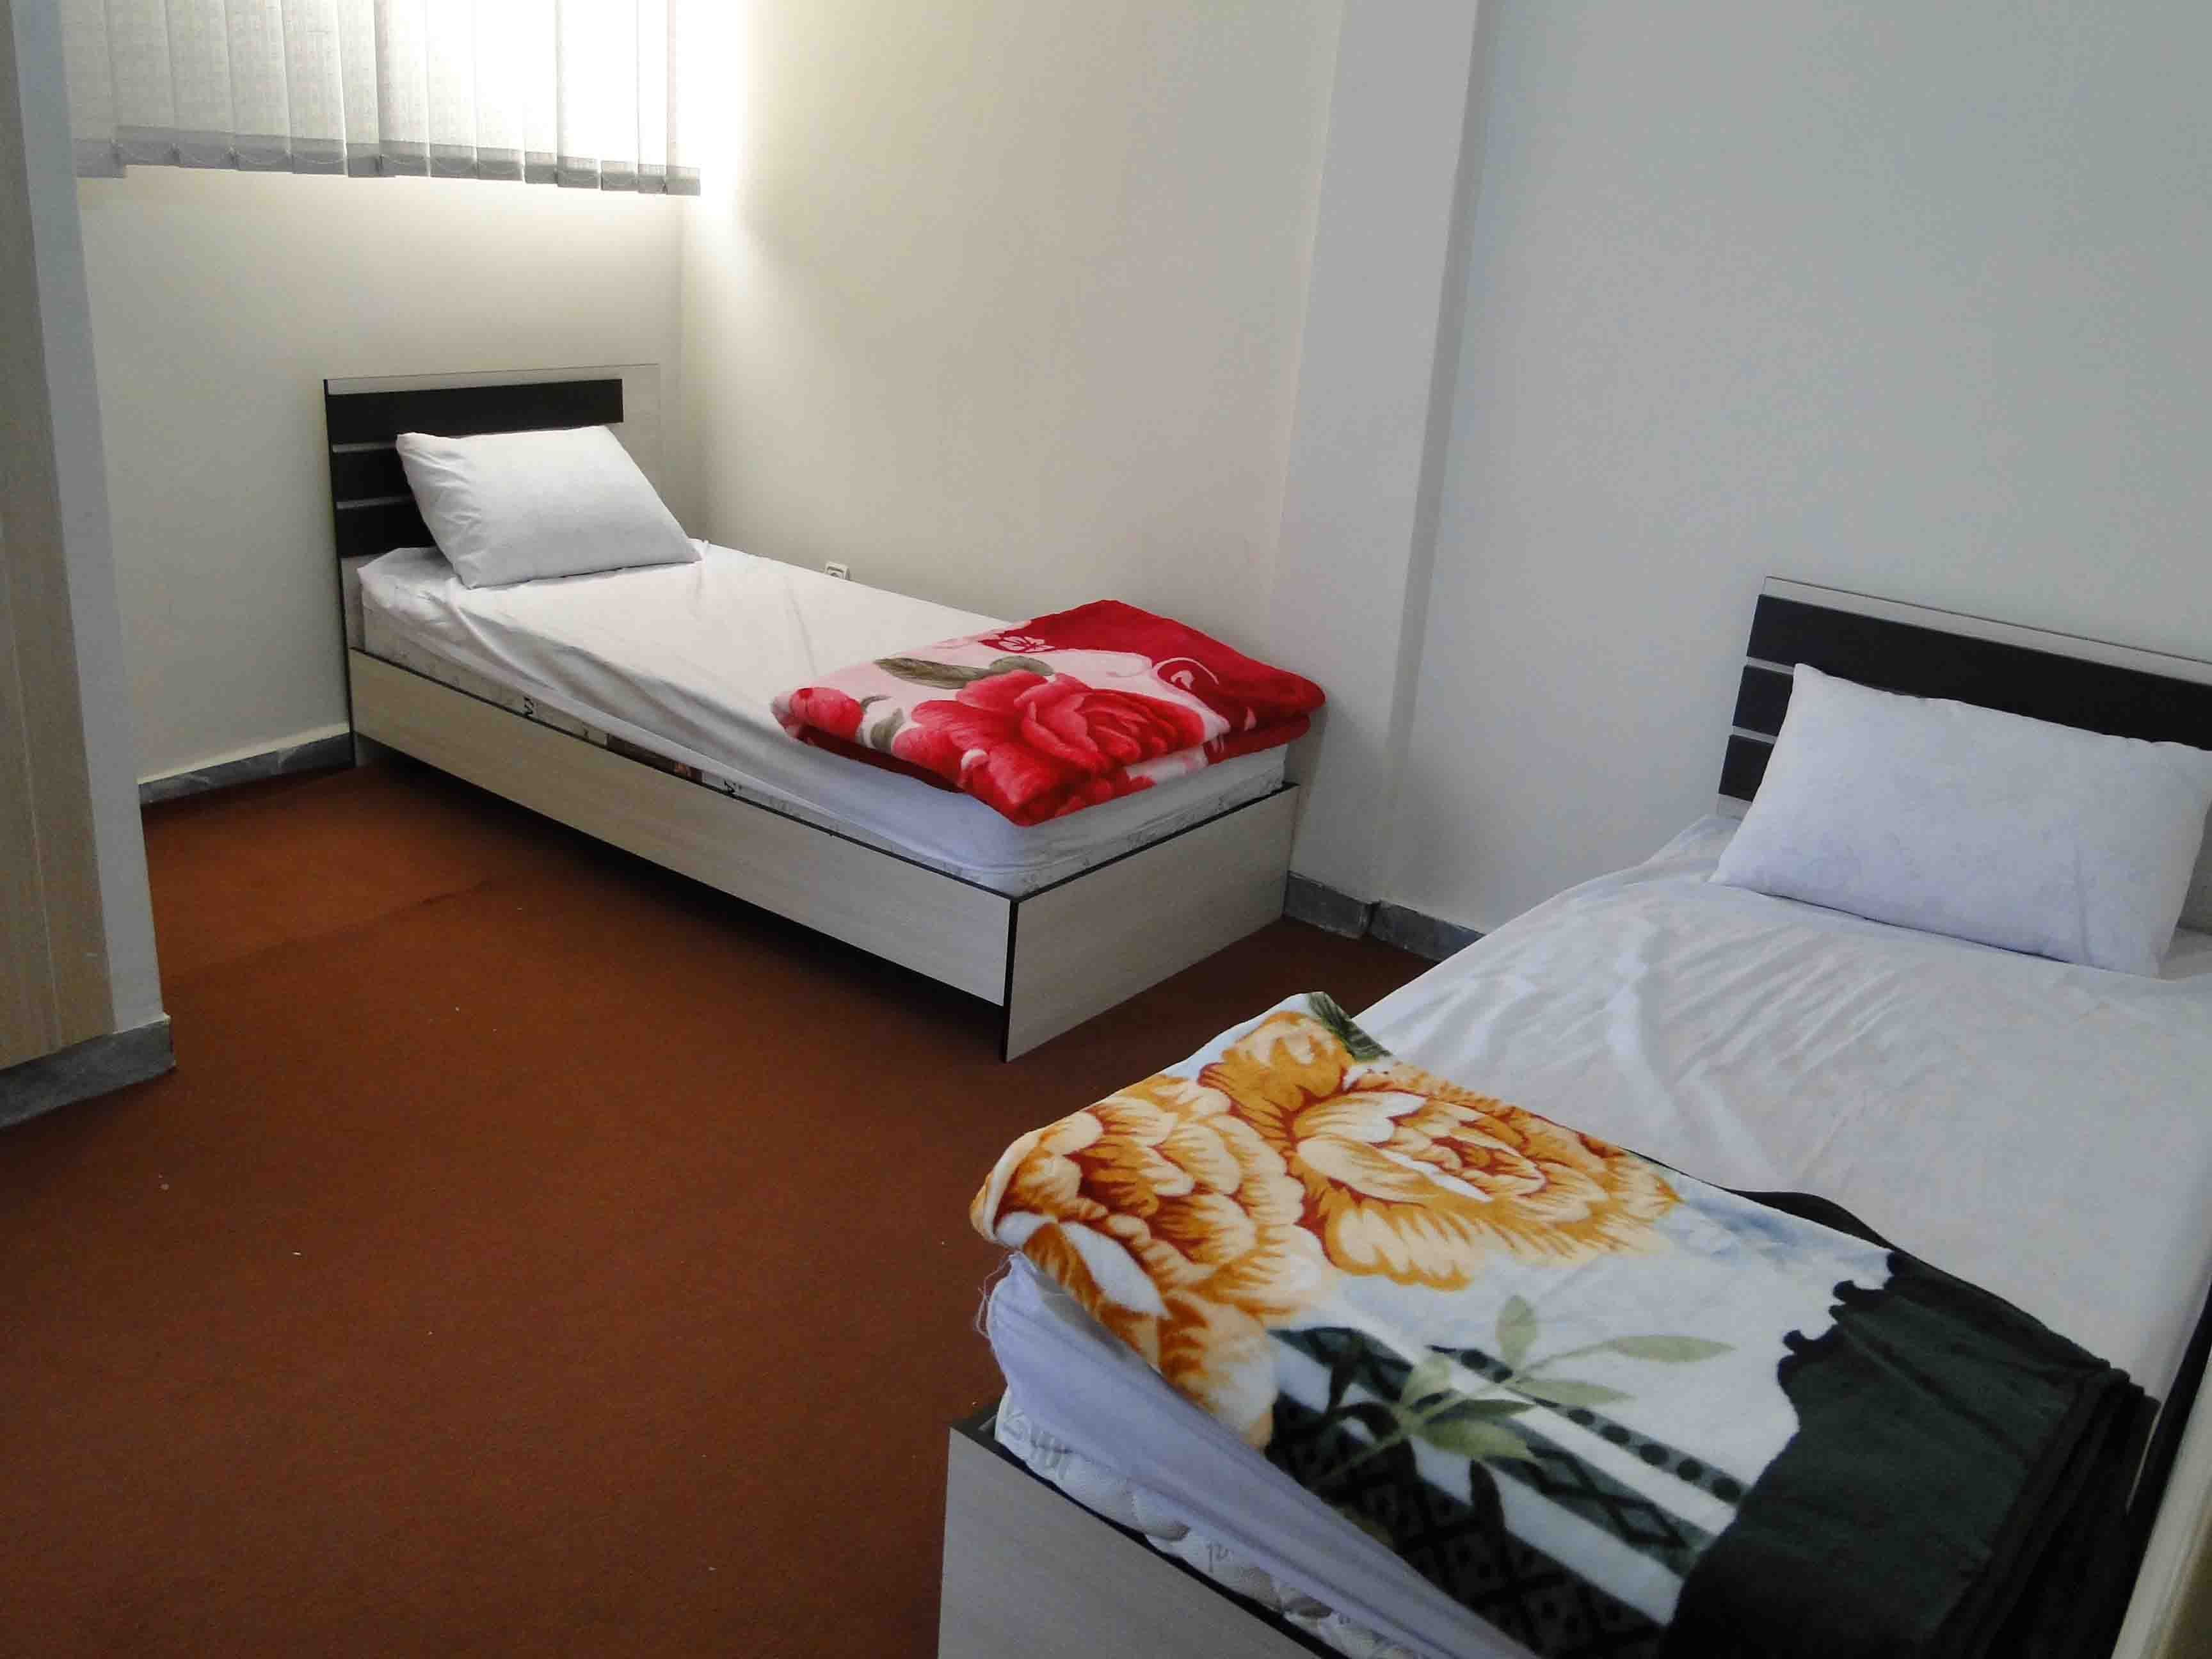 سوییت آپارتمان دو خواب شماره 8